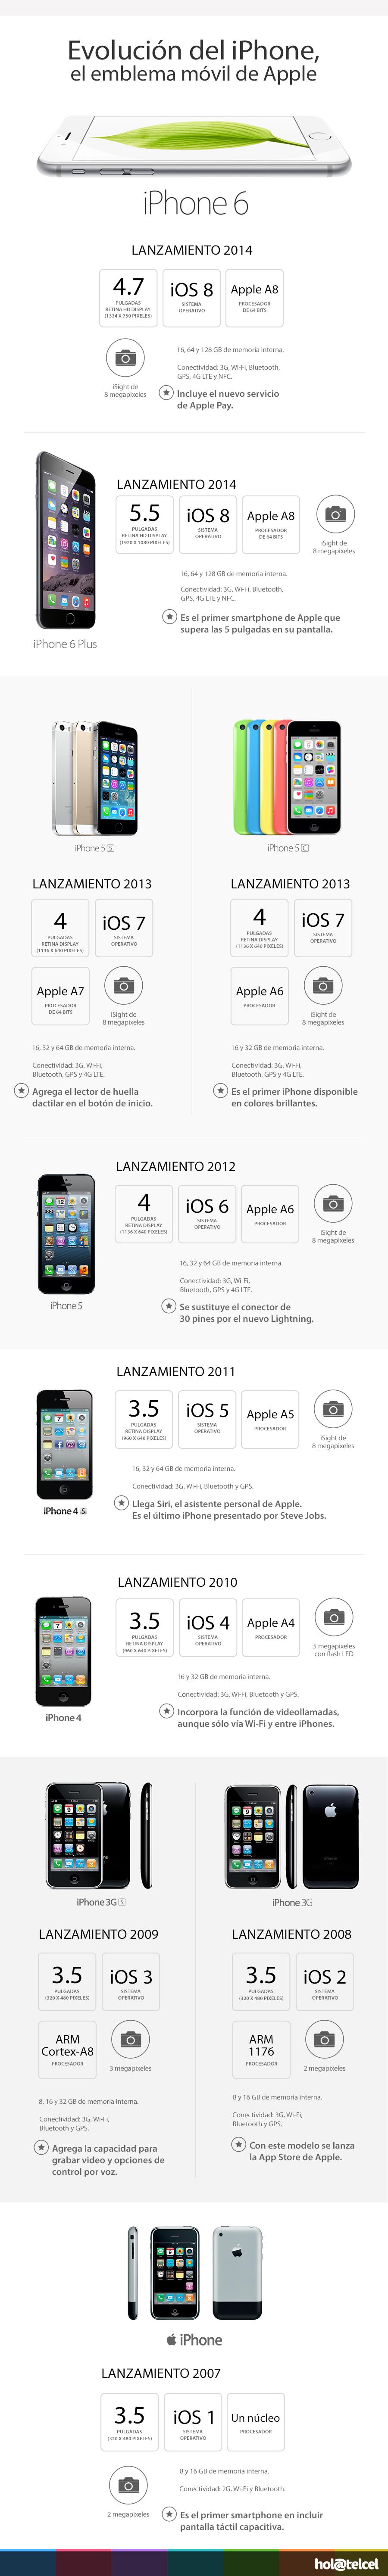 Infografía de la evolución del iPhone